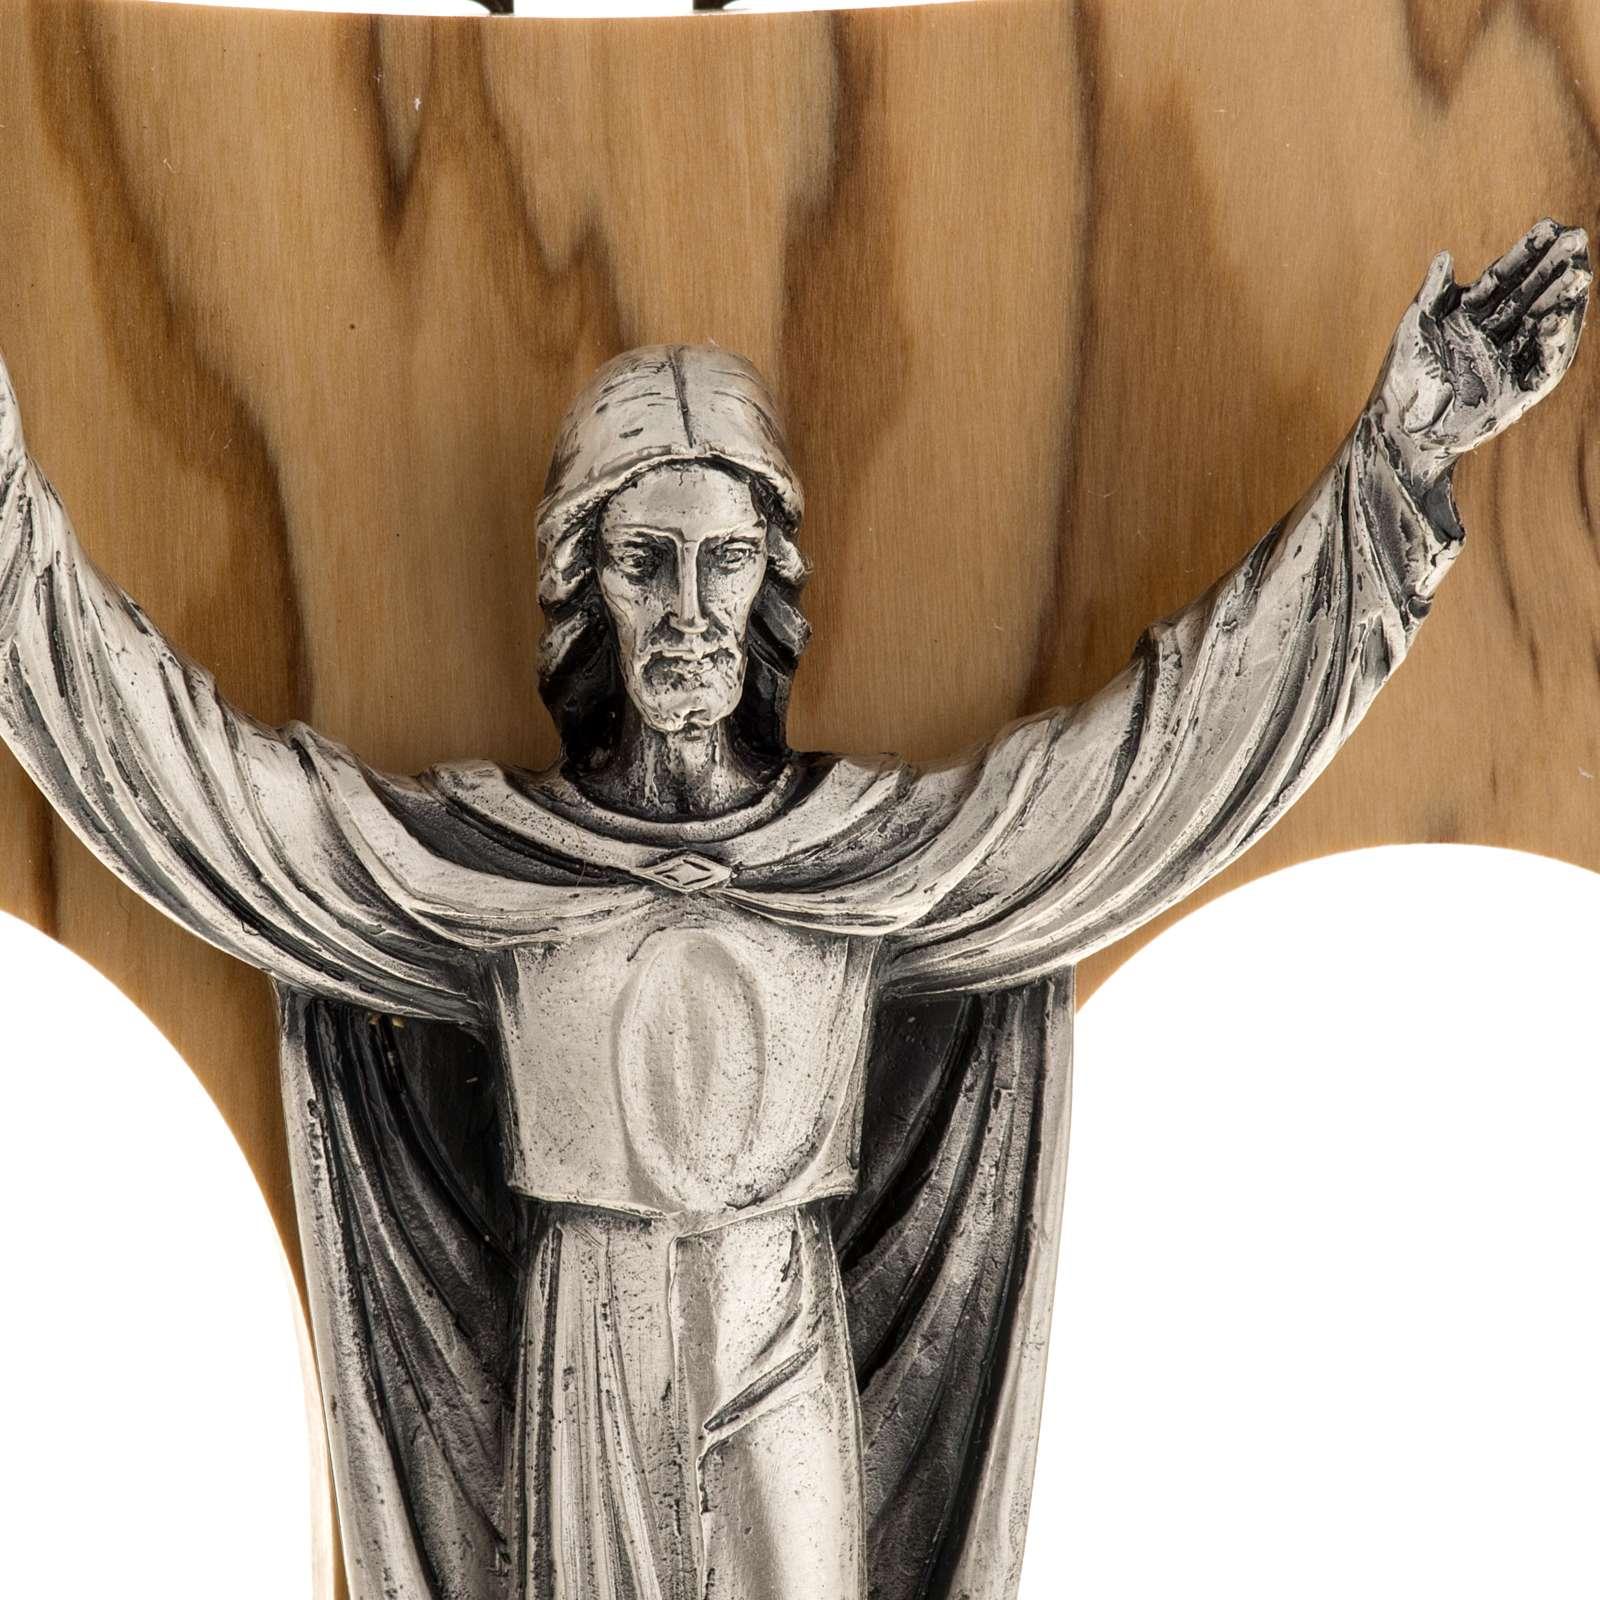 Crist ressuscité argenté tau en bois d'olivie 4